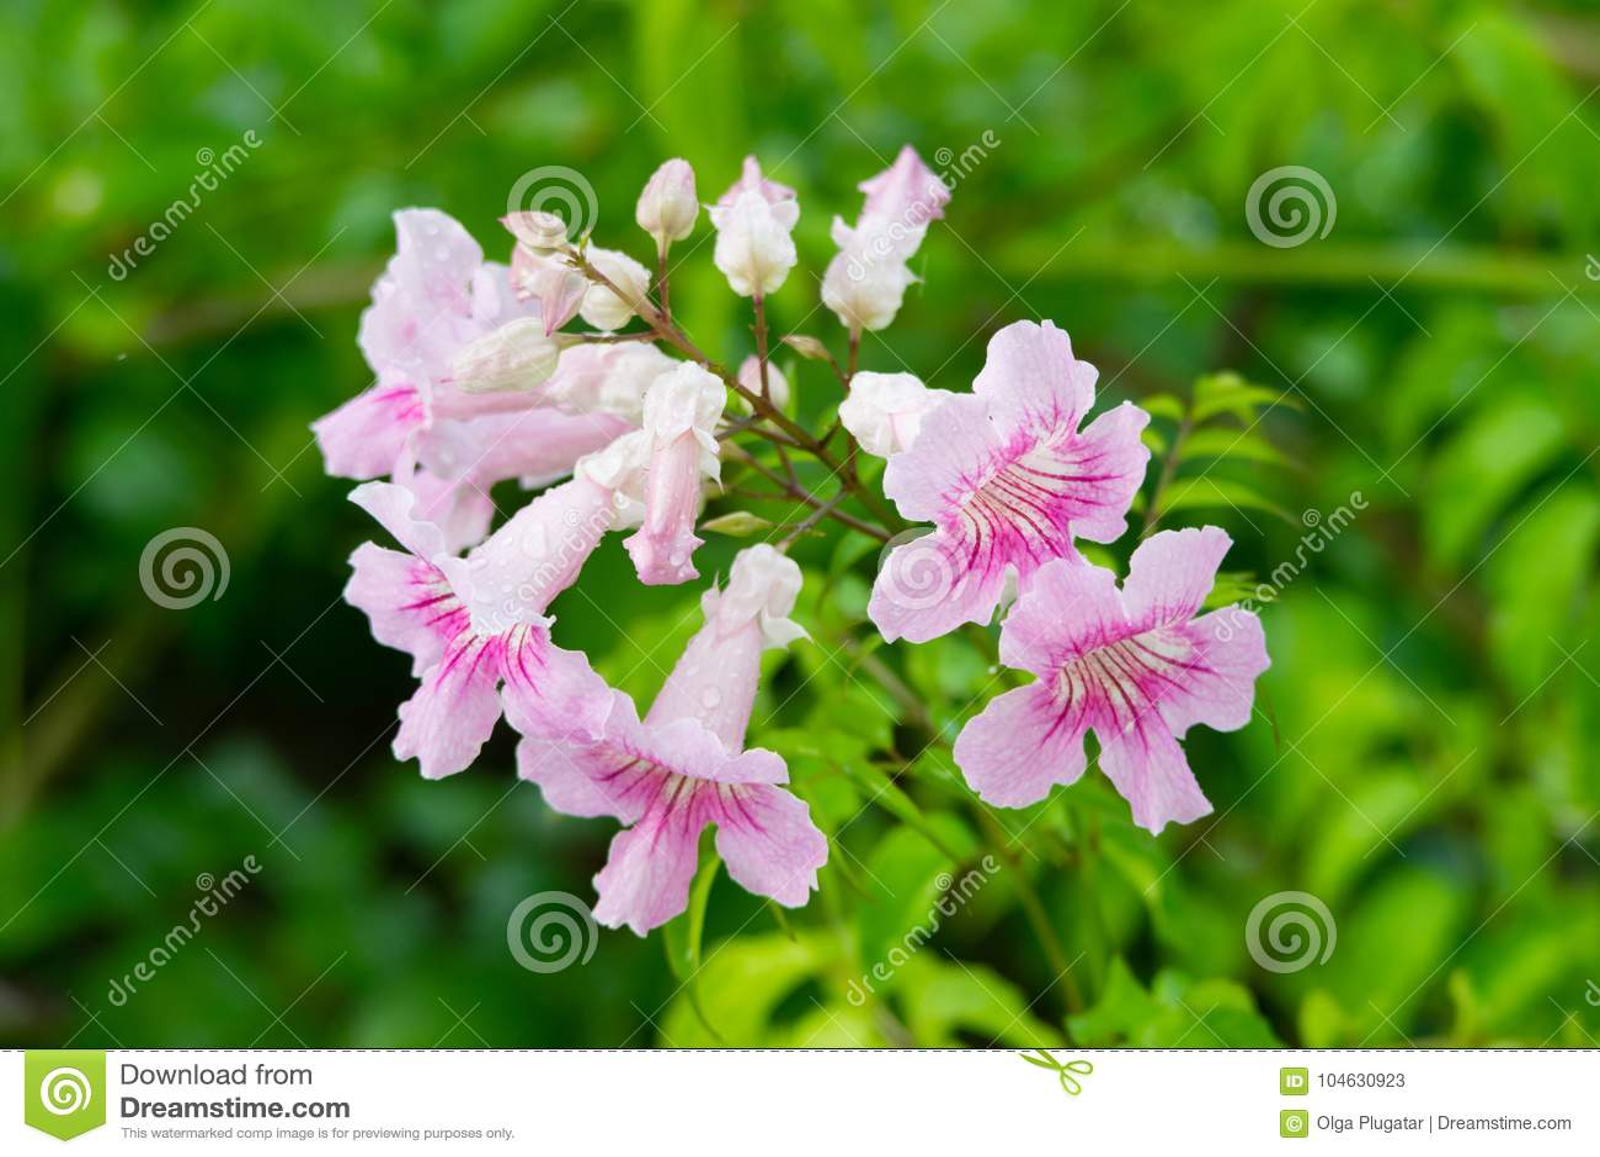 Download Roze Trompetwijnstok, Podranea-ricasoliana, Bloem Stock Afbeelding - Afbeelding bestaande uit patroon, trompet: 104630923